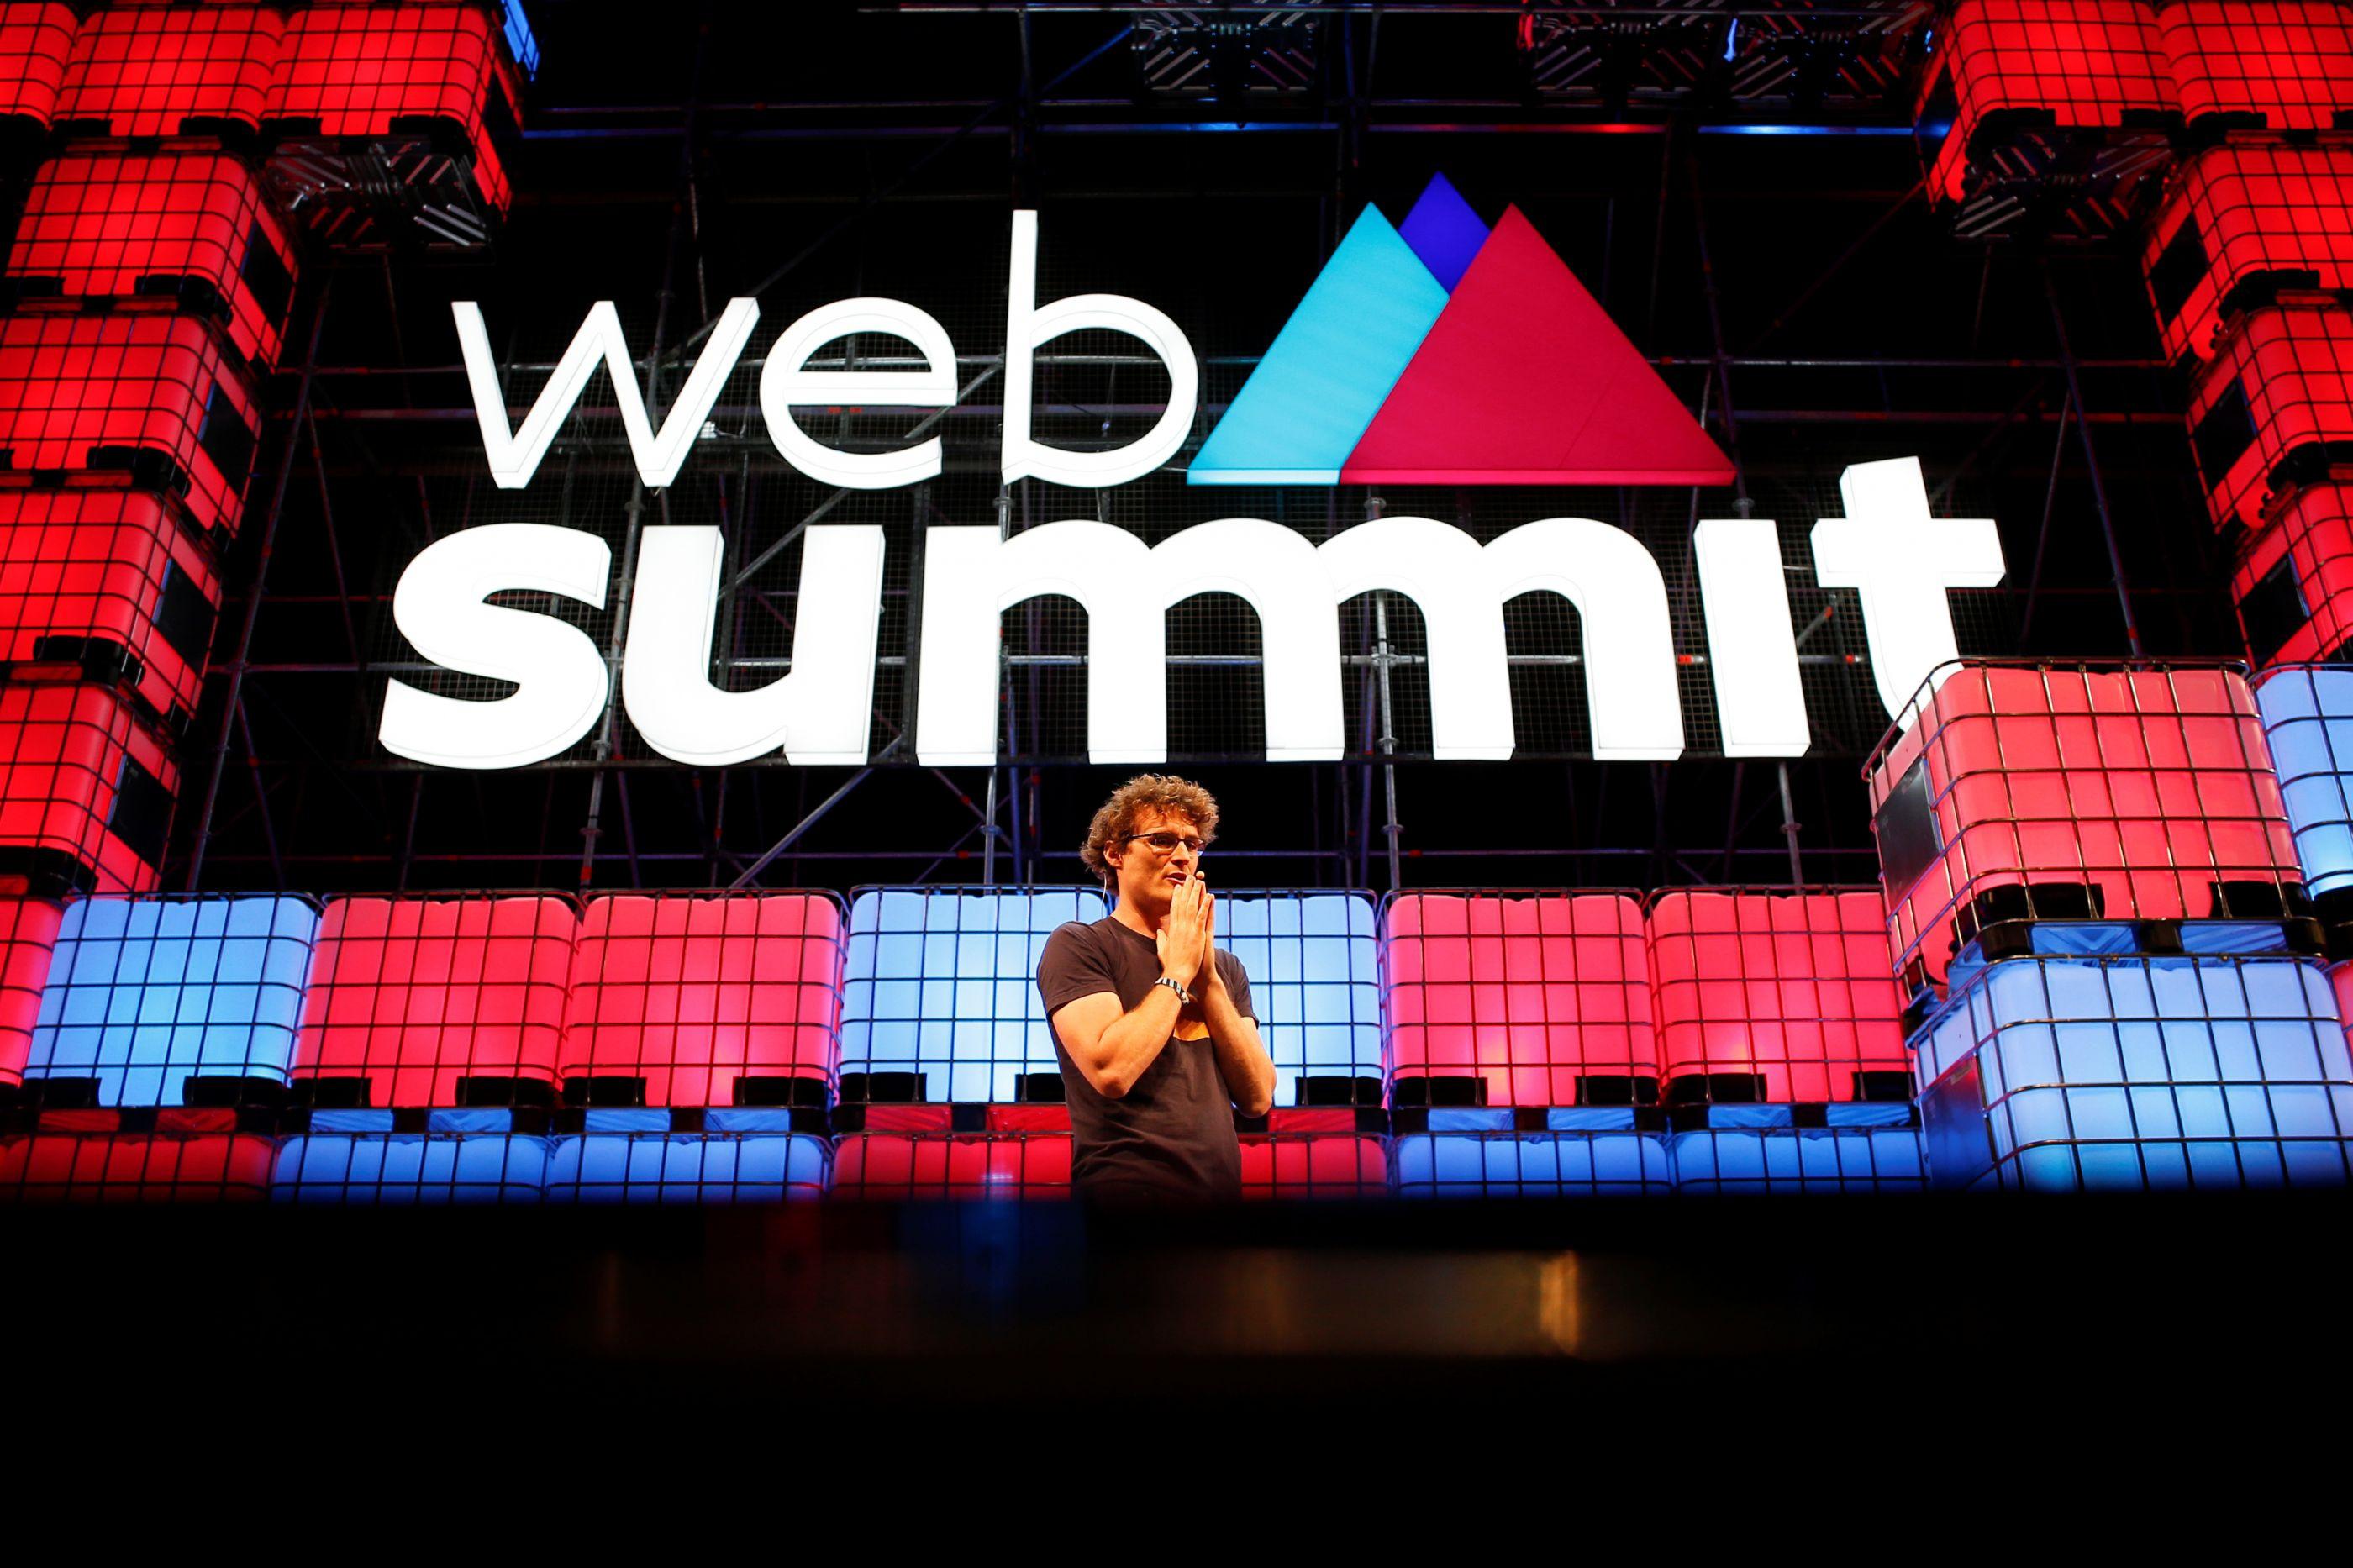 70 mil participantes devem gastar mais de 61 milhões na Web Summit